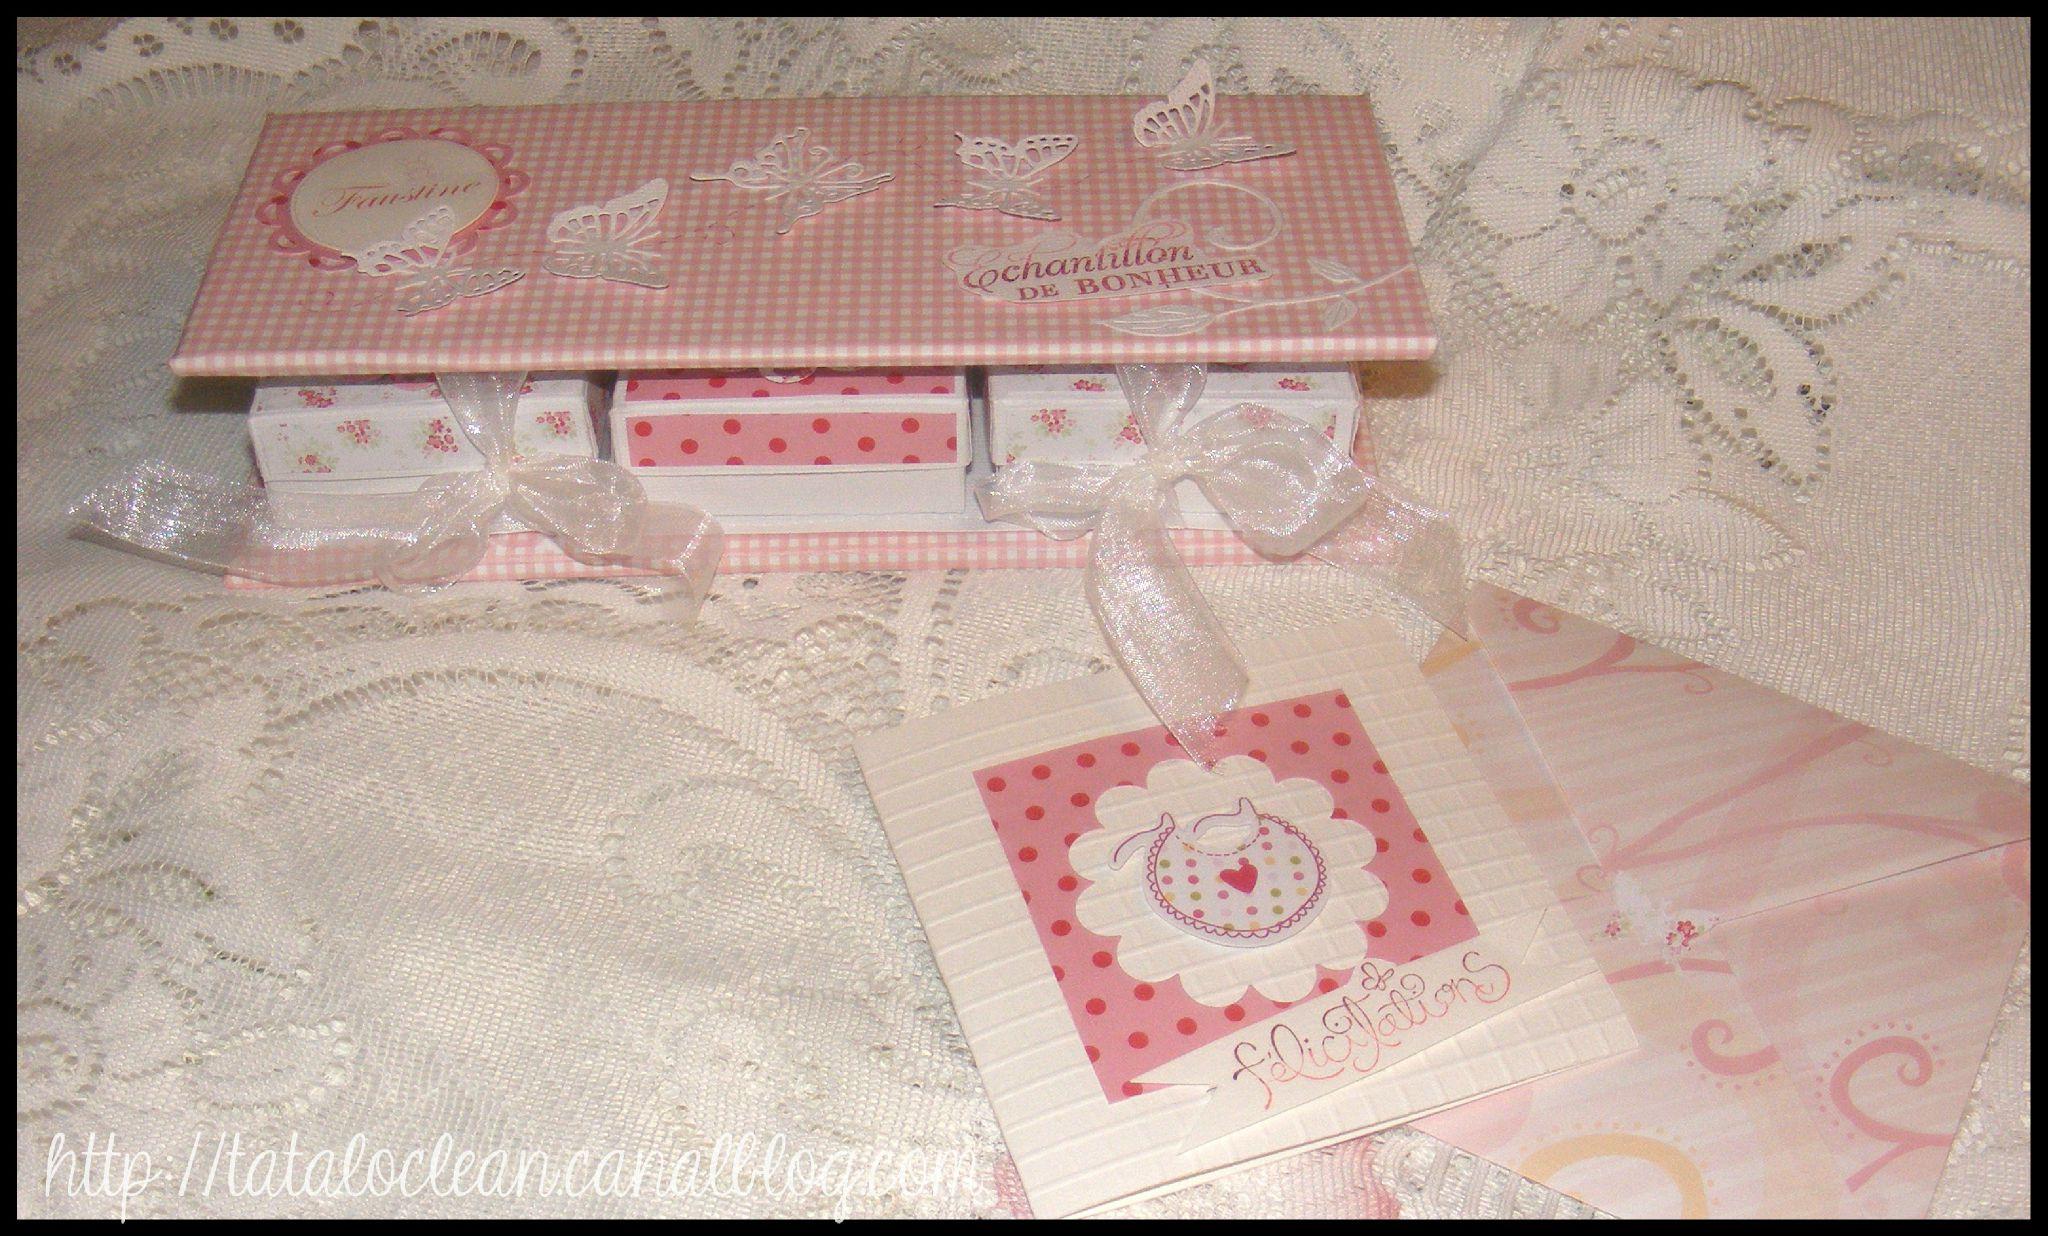 etiquettes boite de naissance rose les tiquettes et tags de tatalo. Black Bedroom Furniture Sets. Home Design Ideas